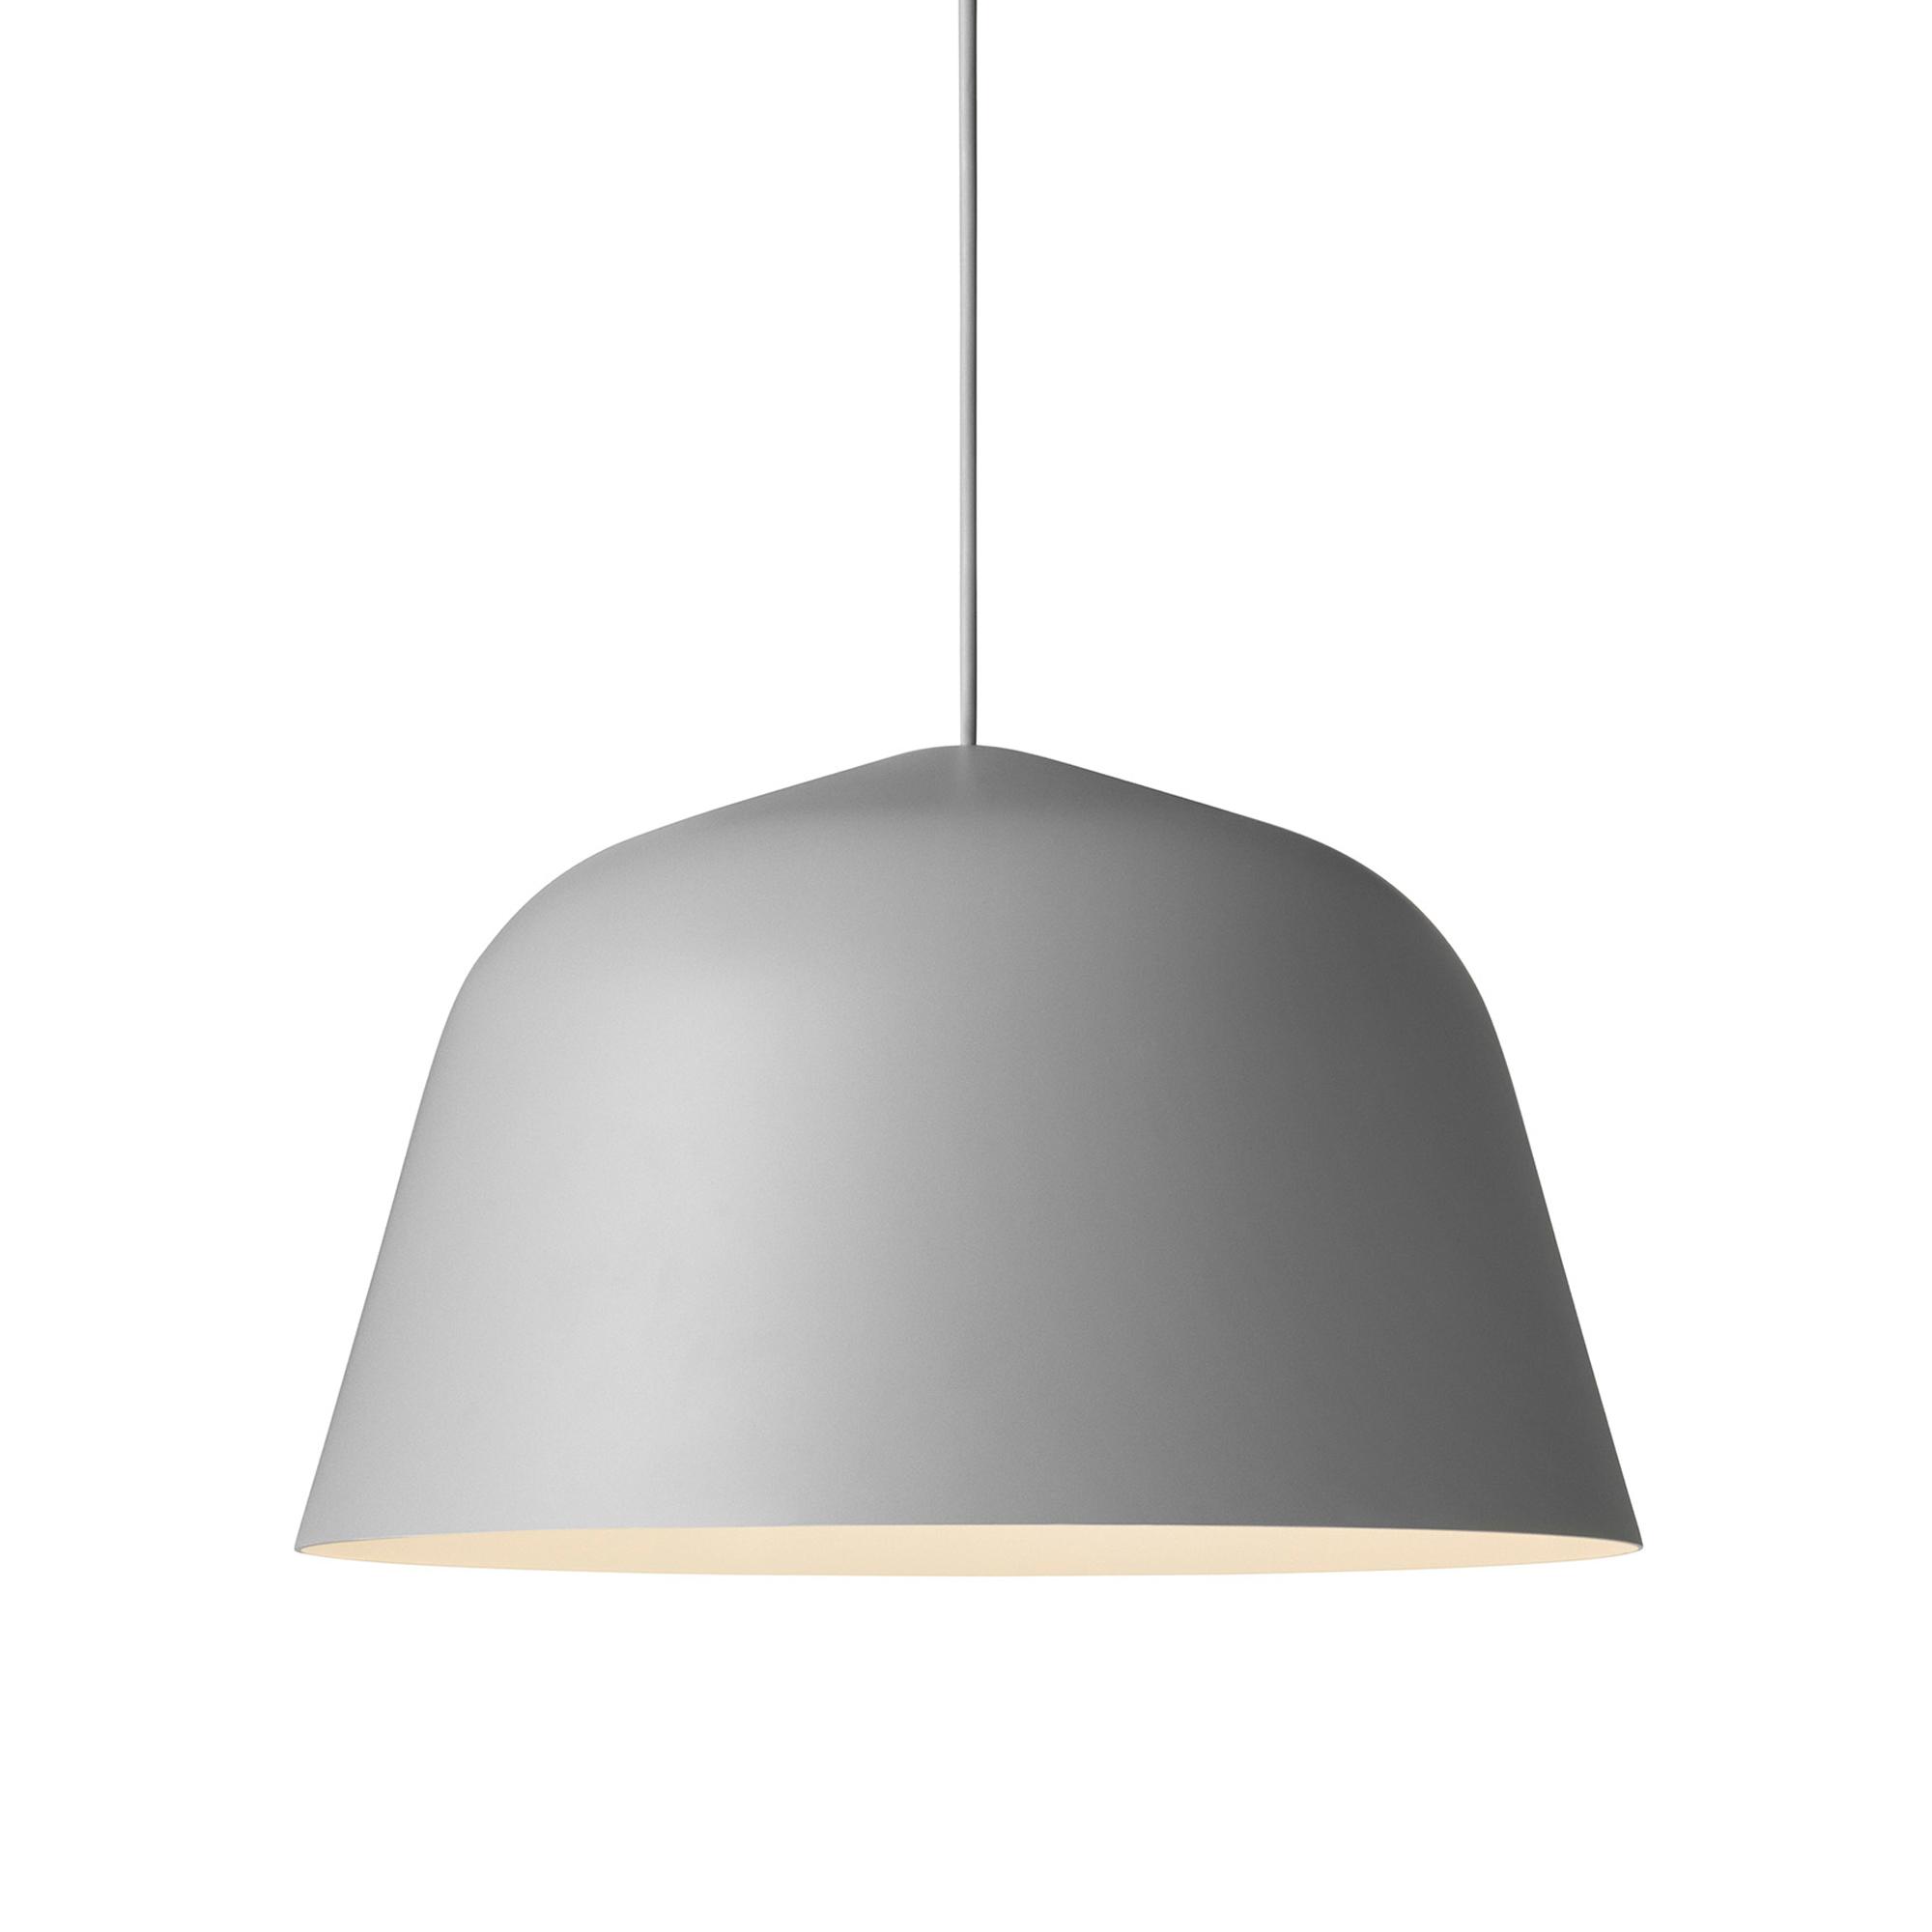 Muuto Lampa Ambit 40 grå